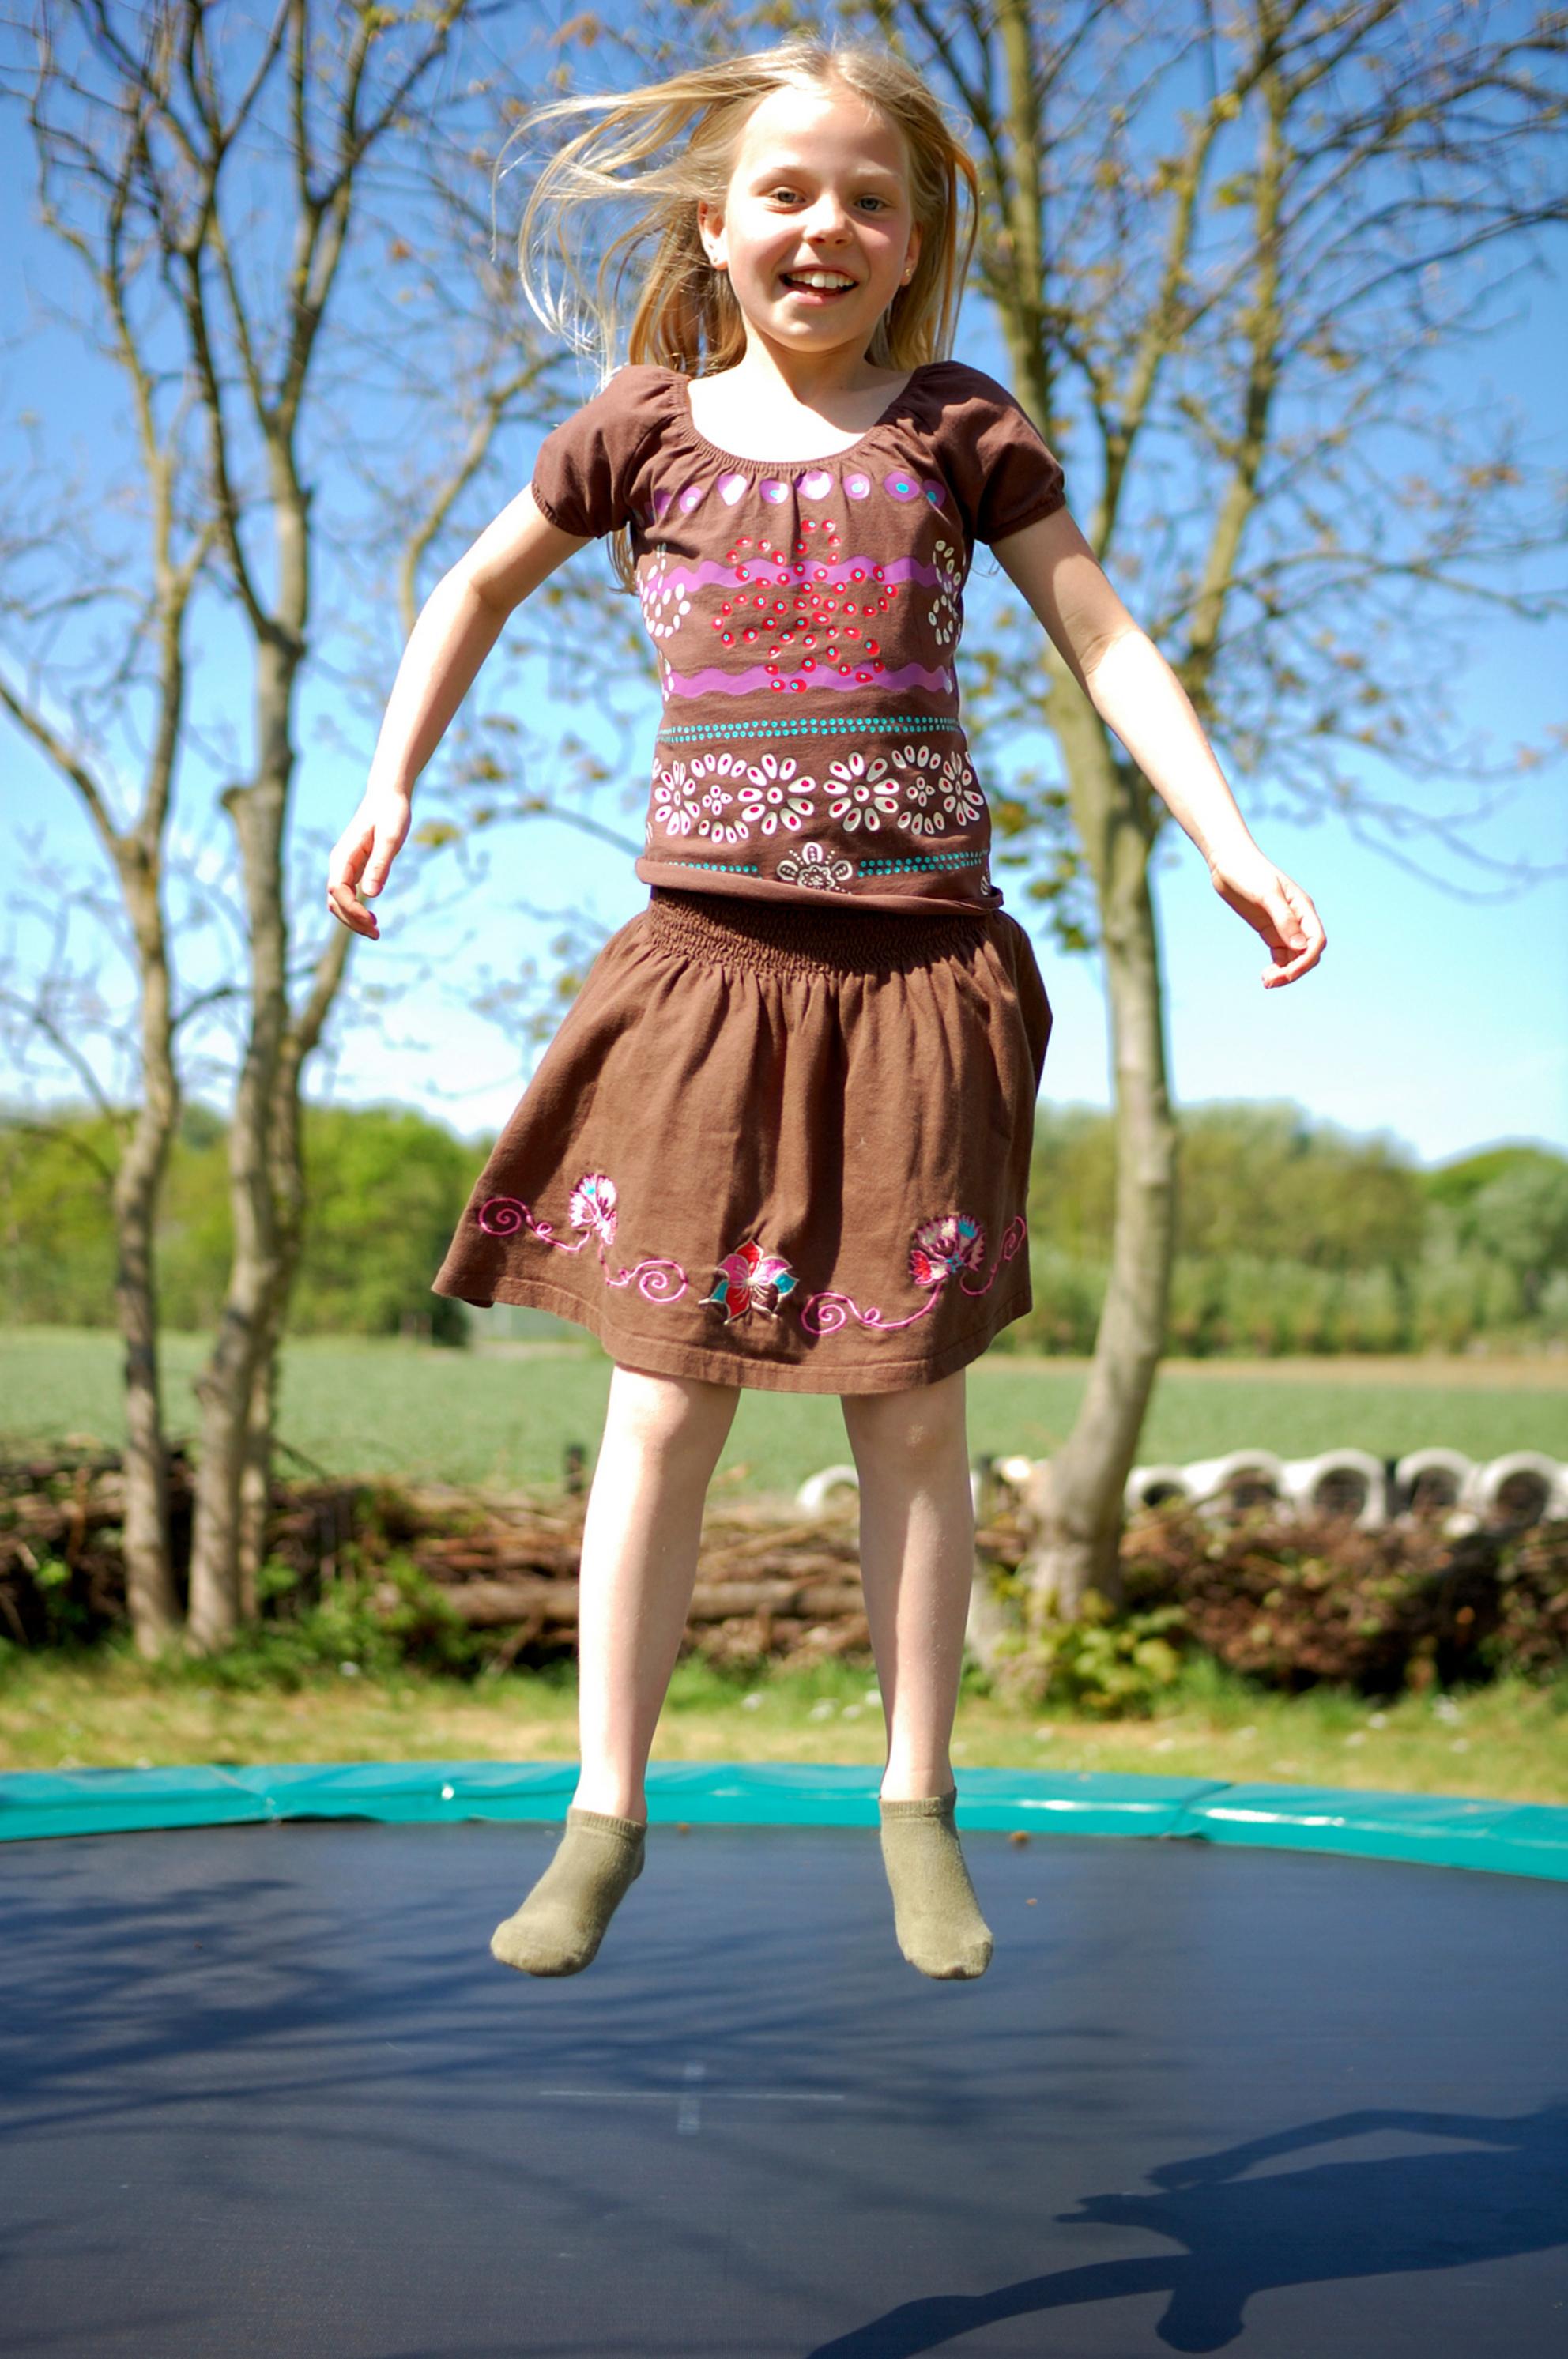 Flora - - - foto door MarcBoas op 01-05-2007 - deze foto bevat: trampoline, flora - Deze foto mag gebruikt worden in een Zoom.nl publicatie